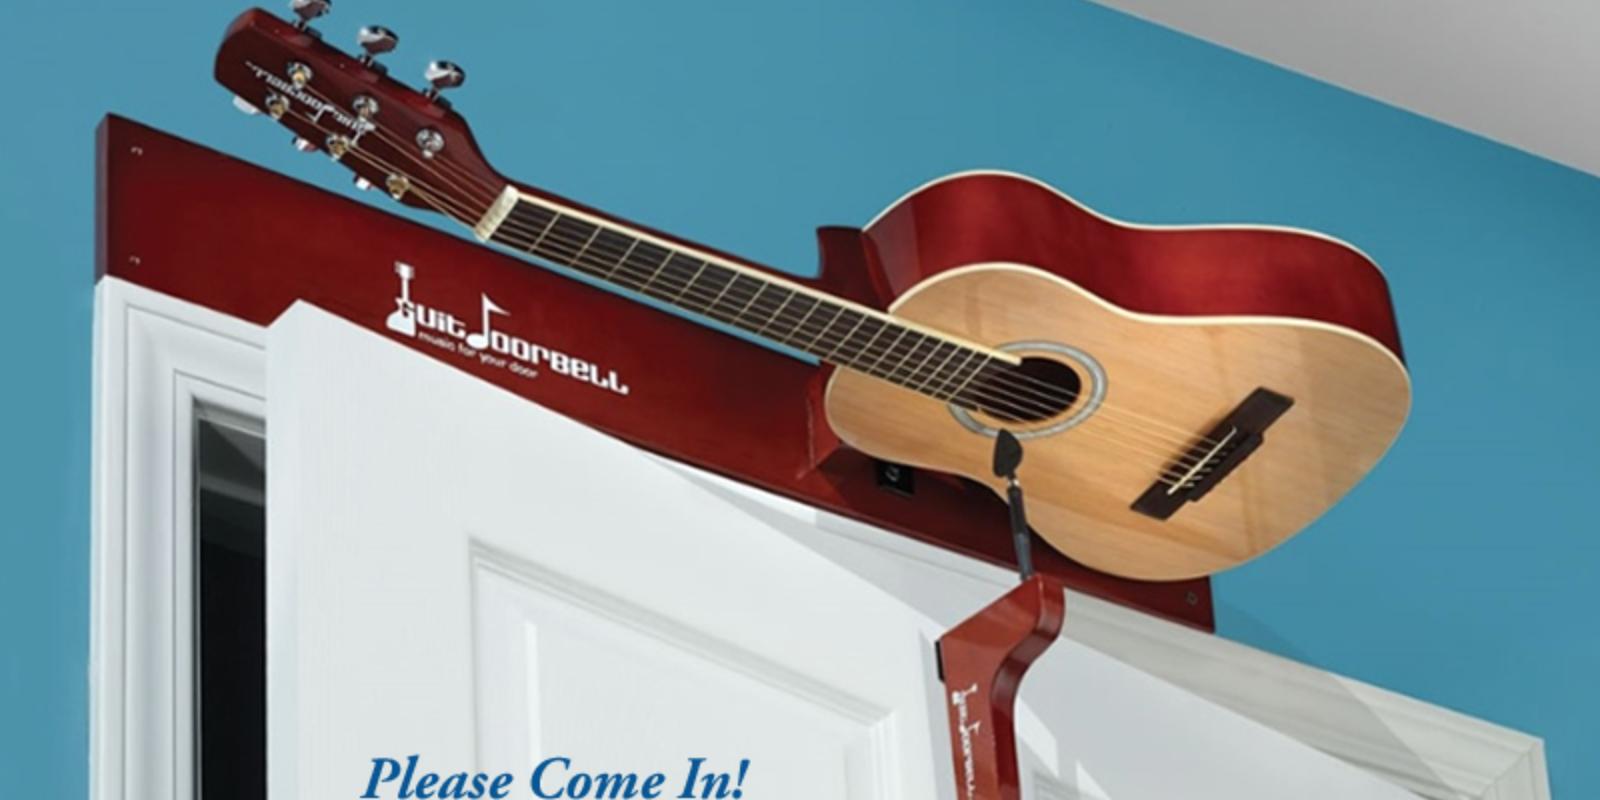 Gitarre als Türklingel - GuitDoorbell